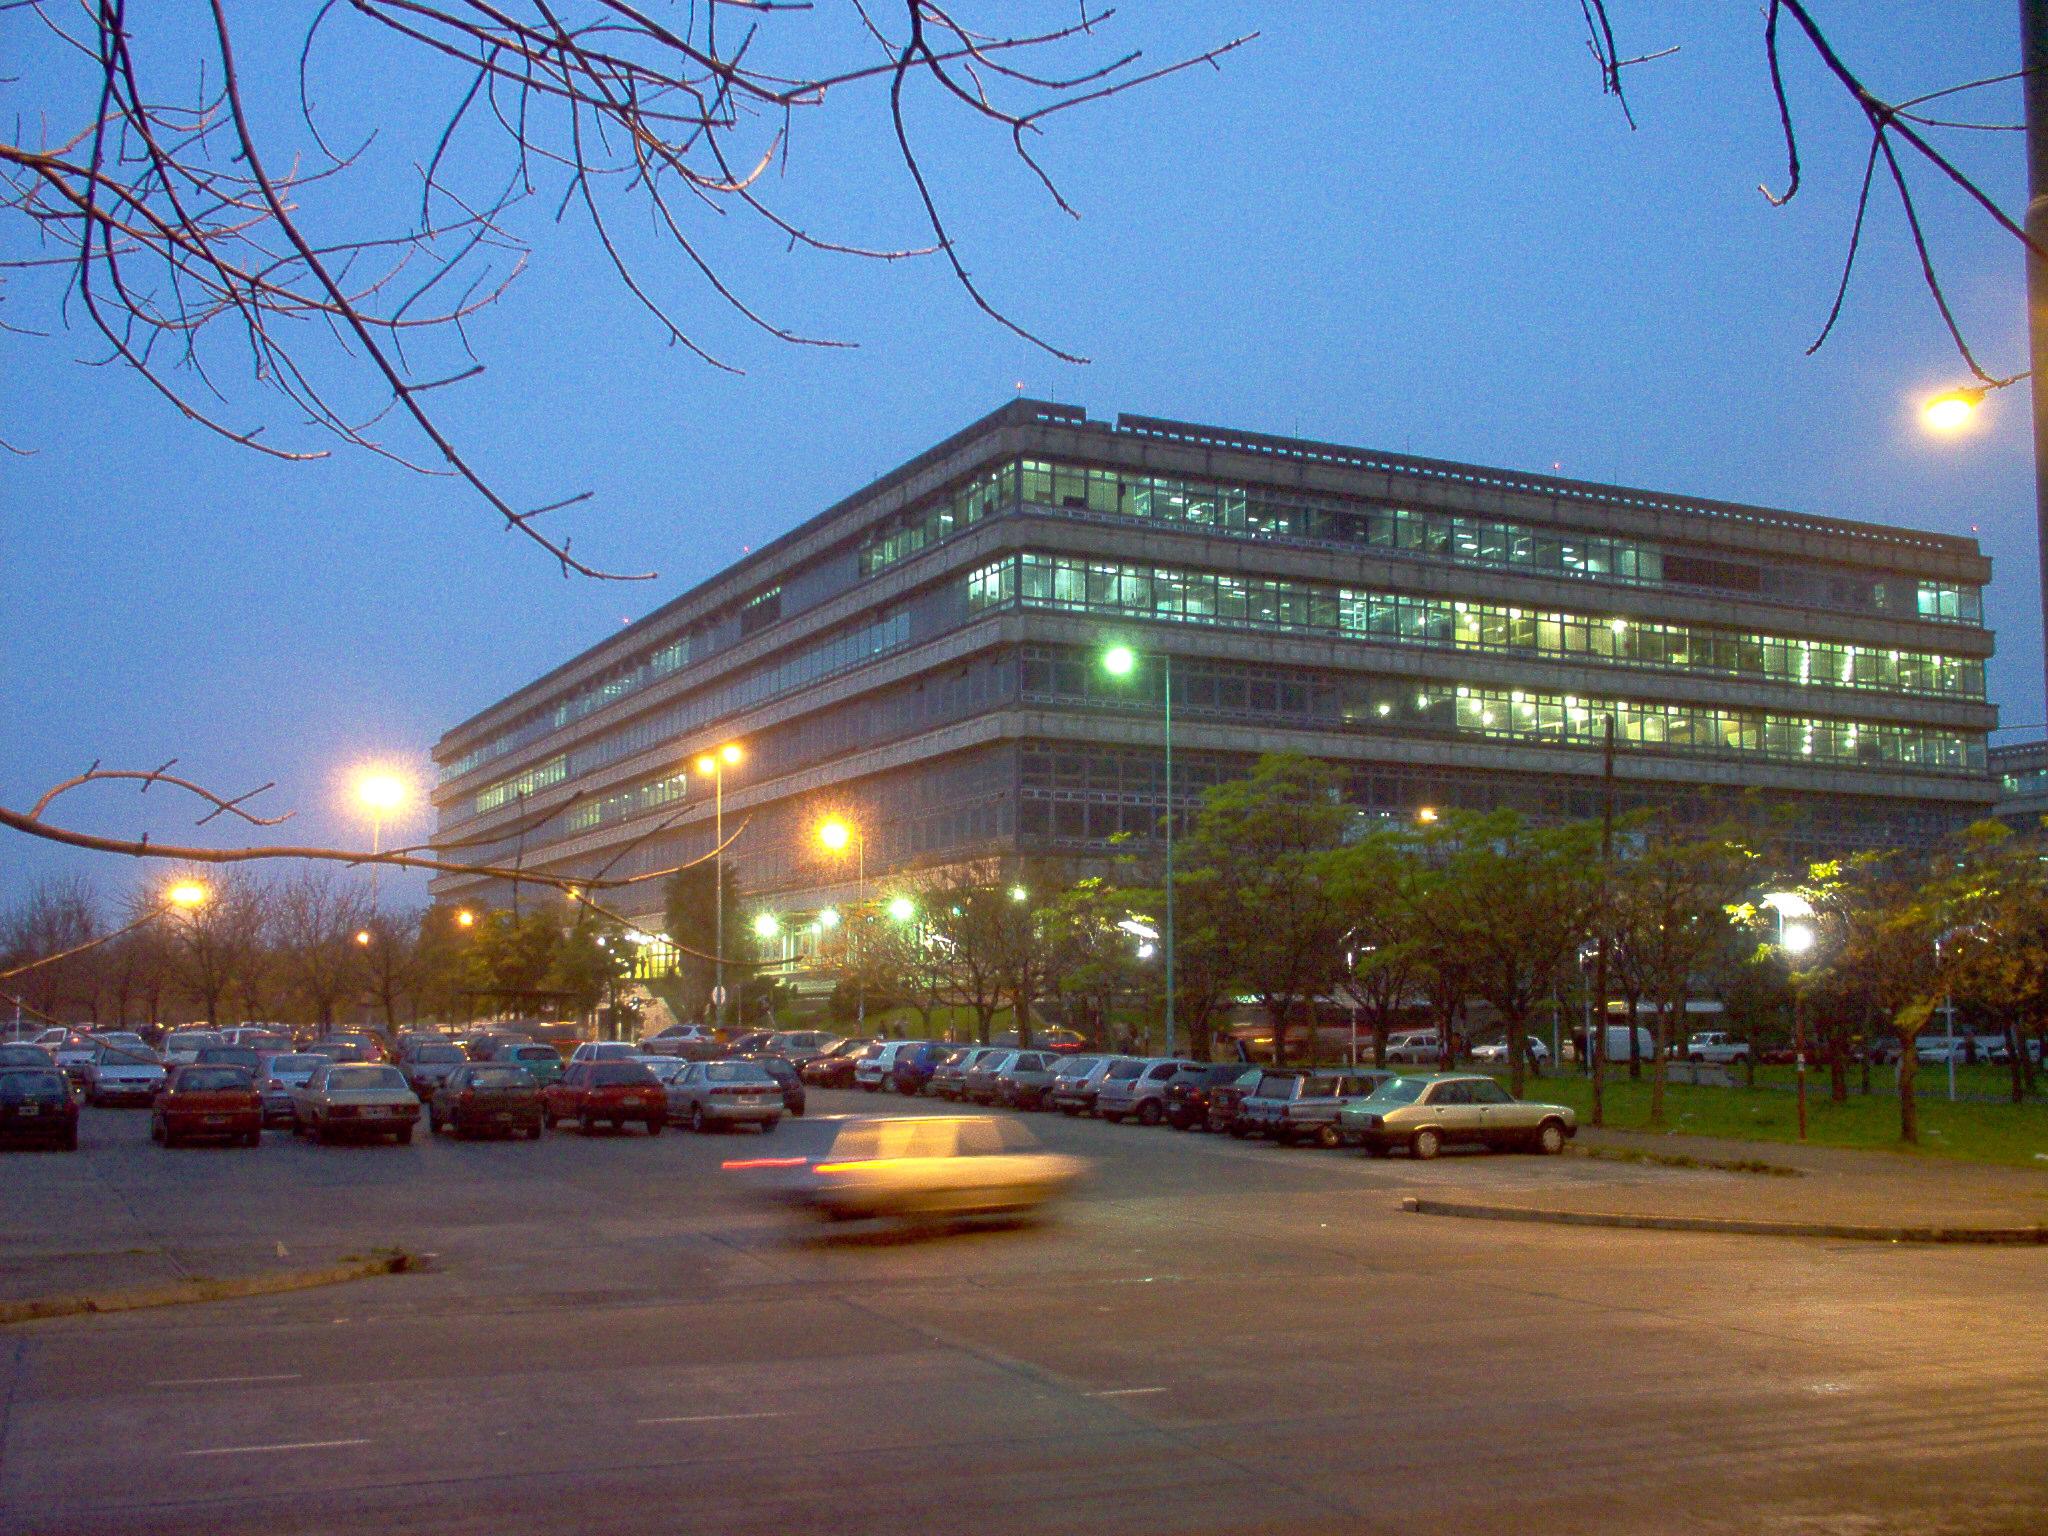 Biblioteca fadu uba becas cpau 2012 for Materias de la carrera arquitectura